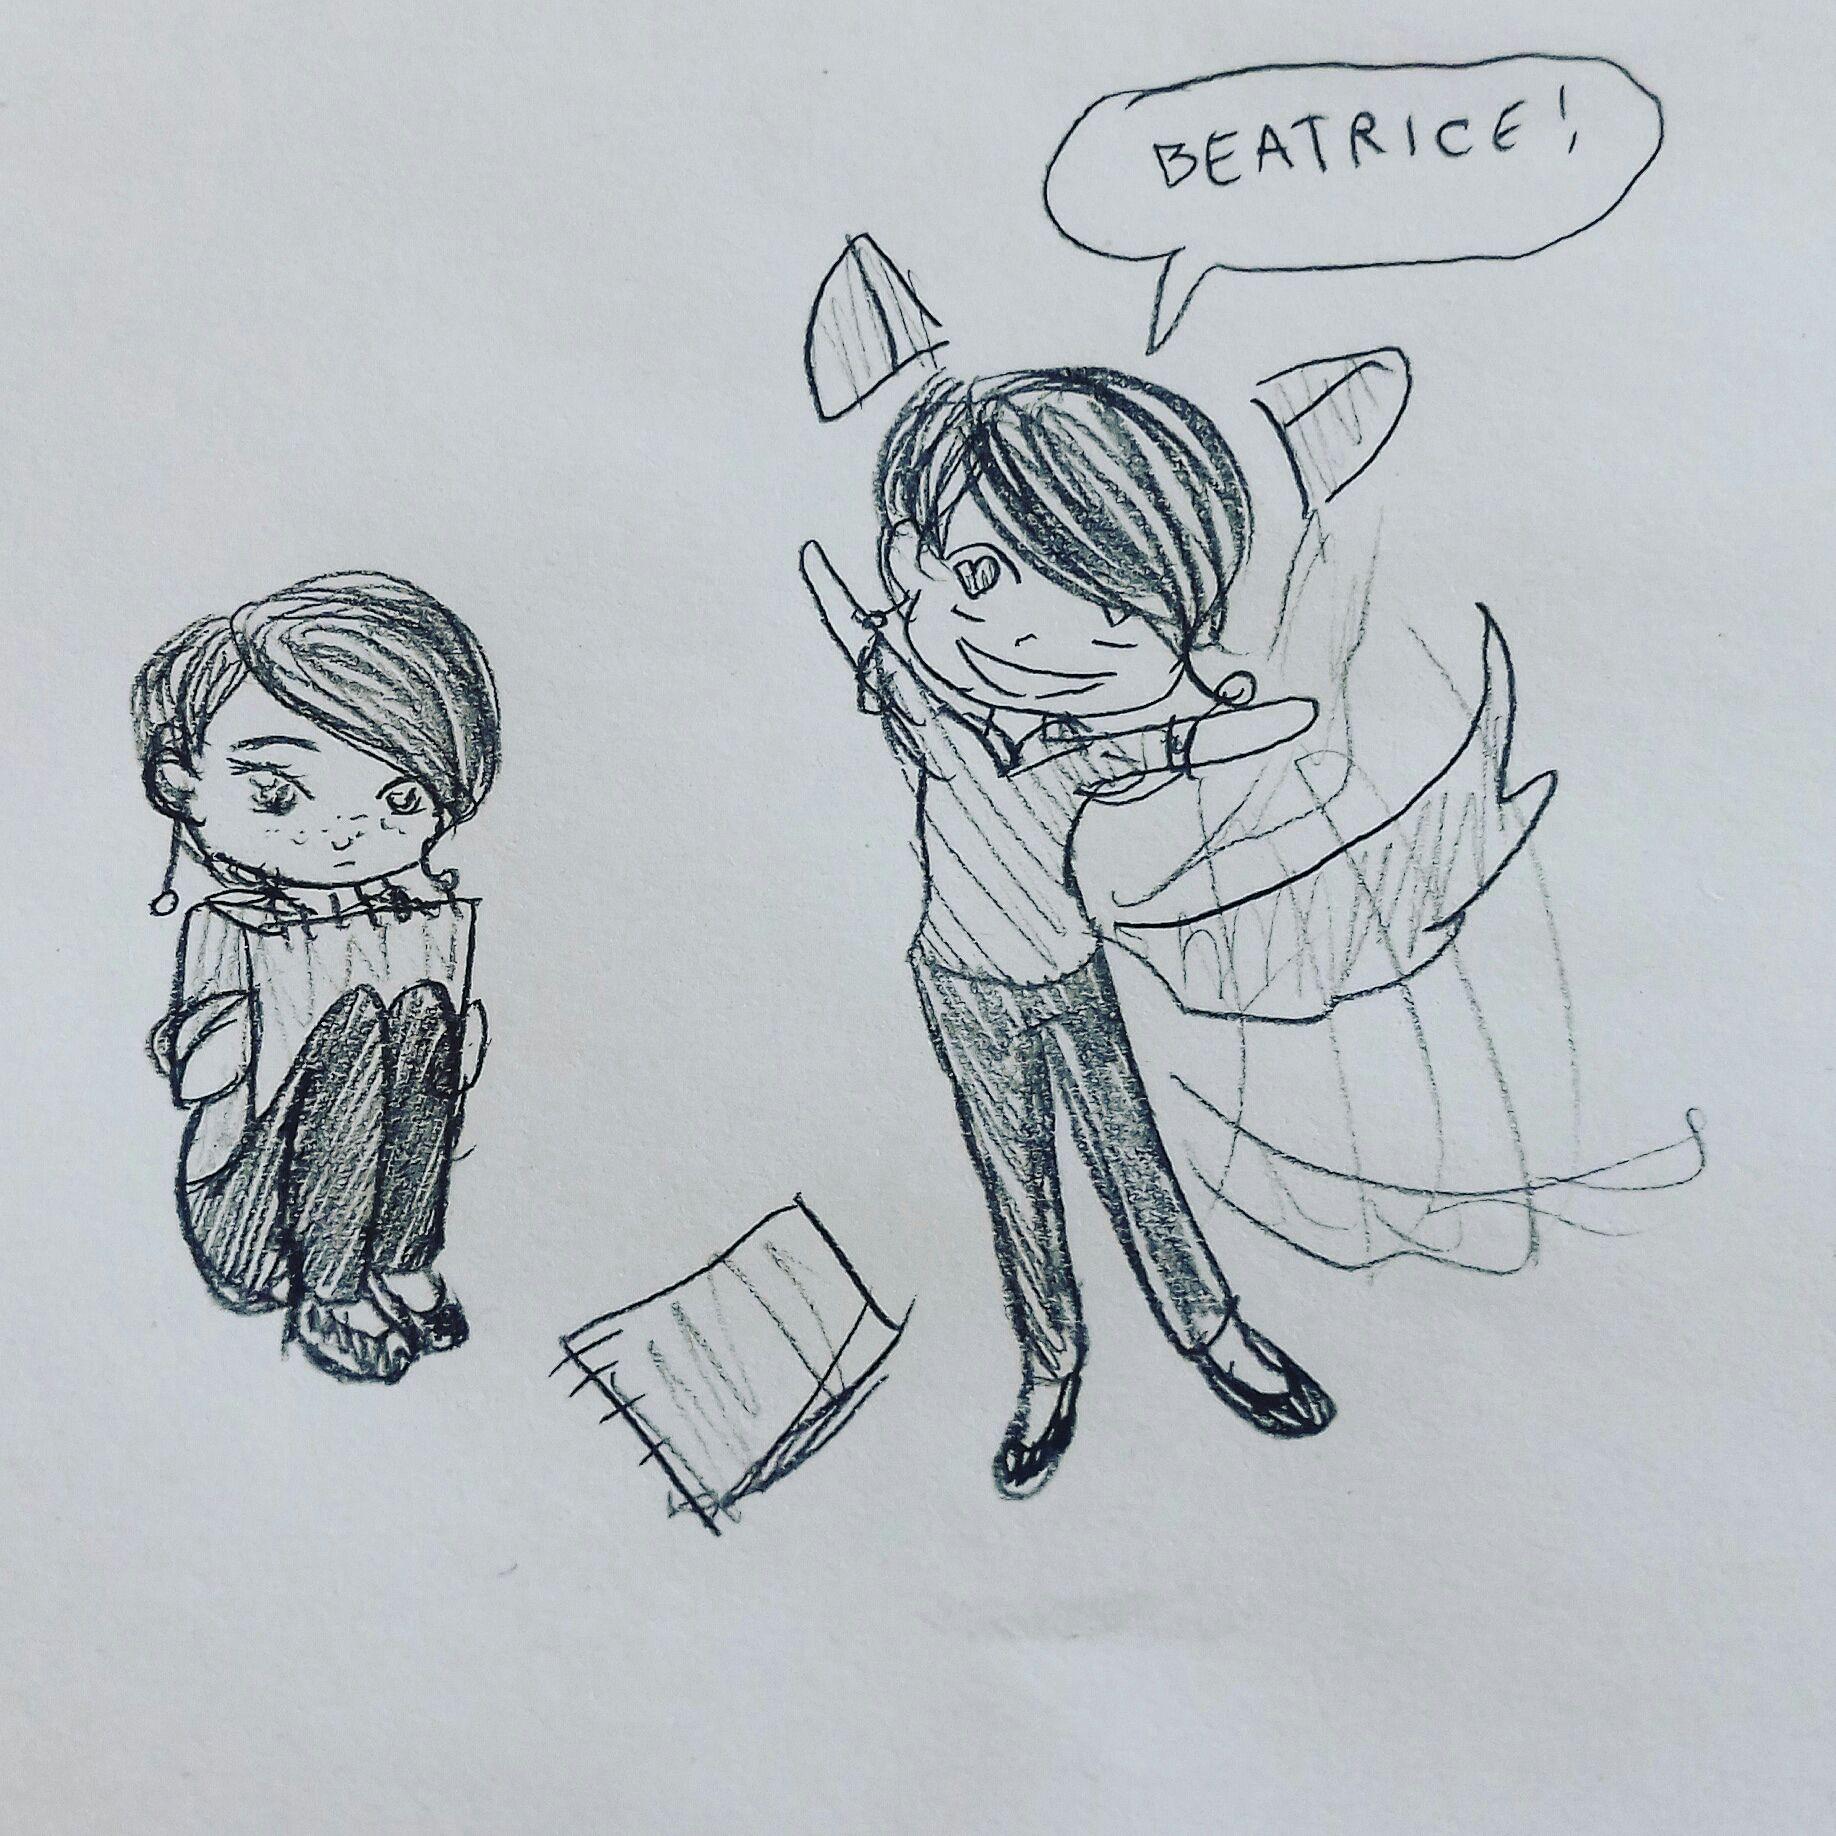 Gdy Beatrice oddaliła się, Nowa wciąż się za nią oglądała